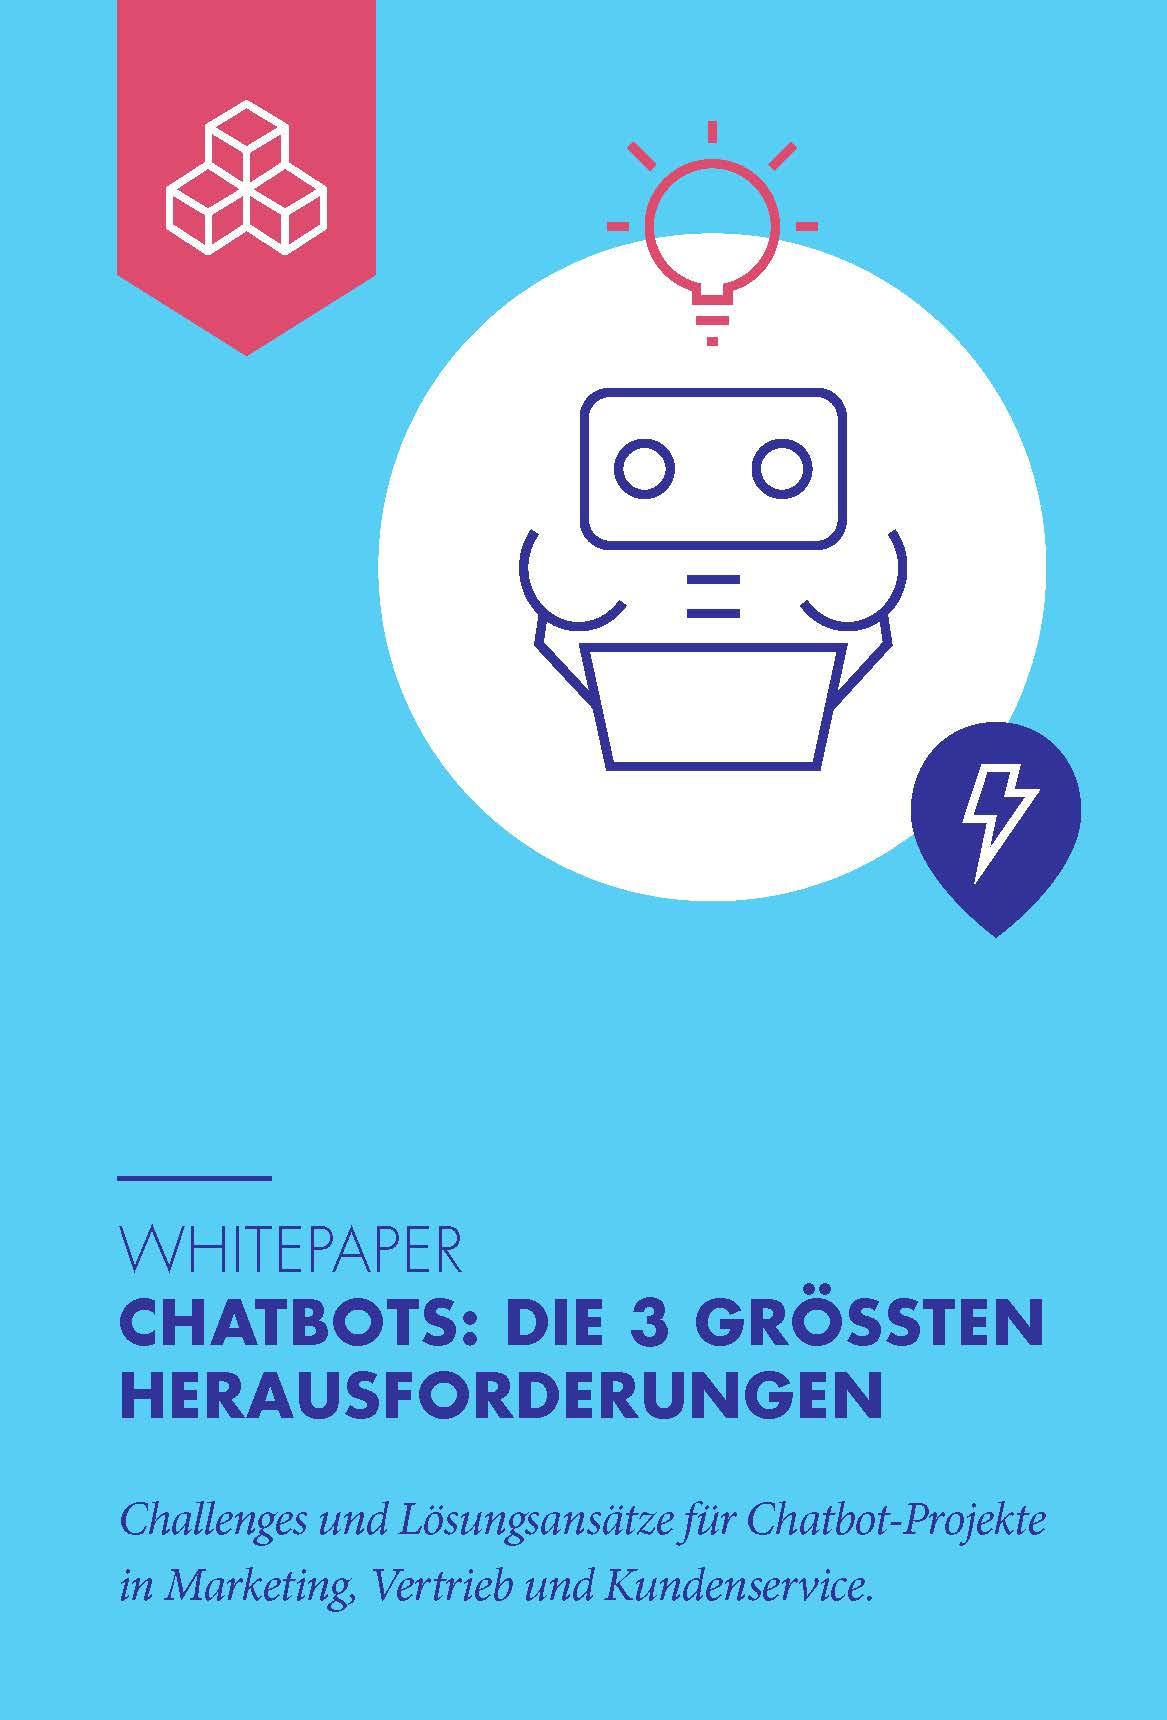 Whitepaper 3 grösste Herausforderungen in Chatbot-Projekten